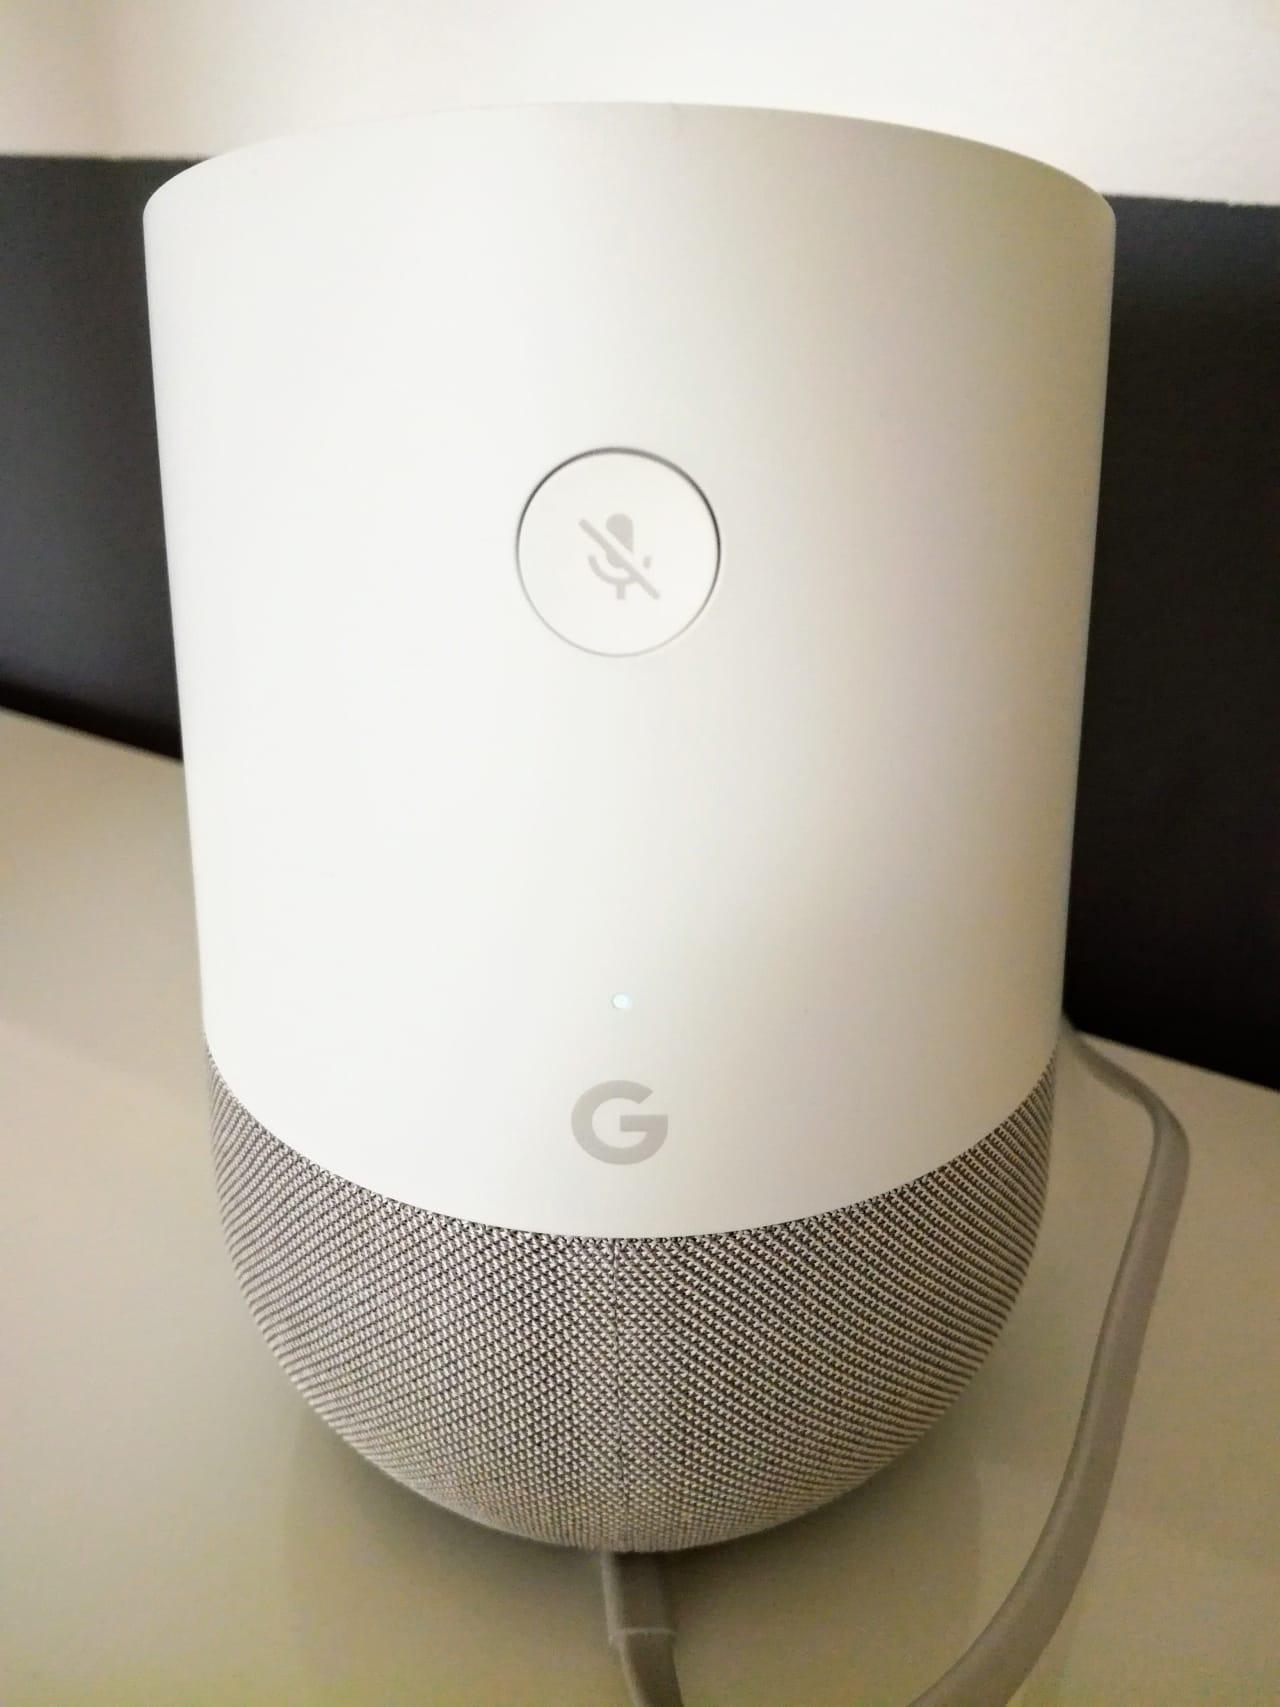 Die Rückseite des Google Home mit dem Knopf zum Deaktivieren des Mikrofons